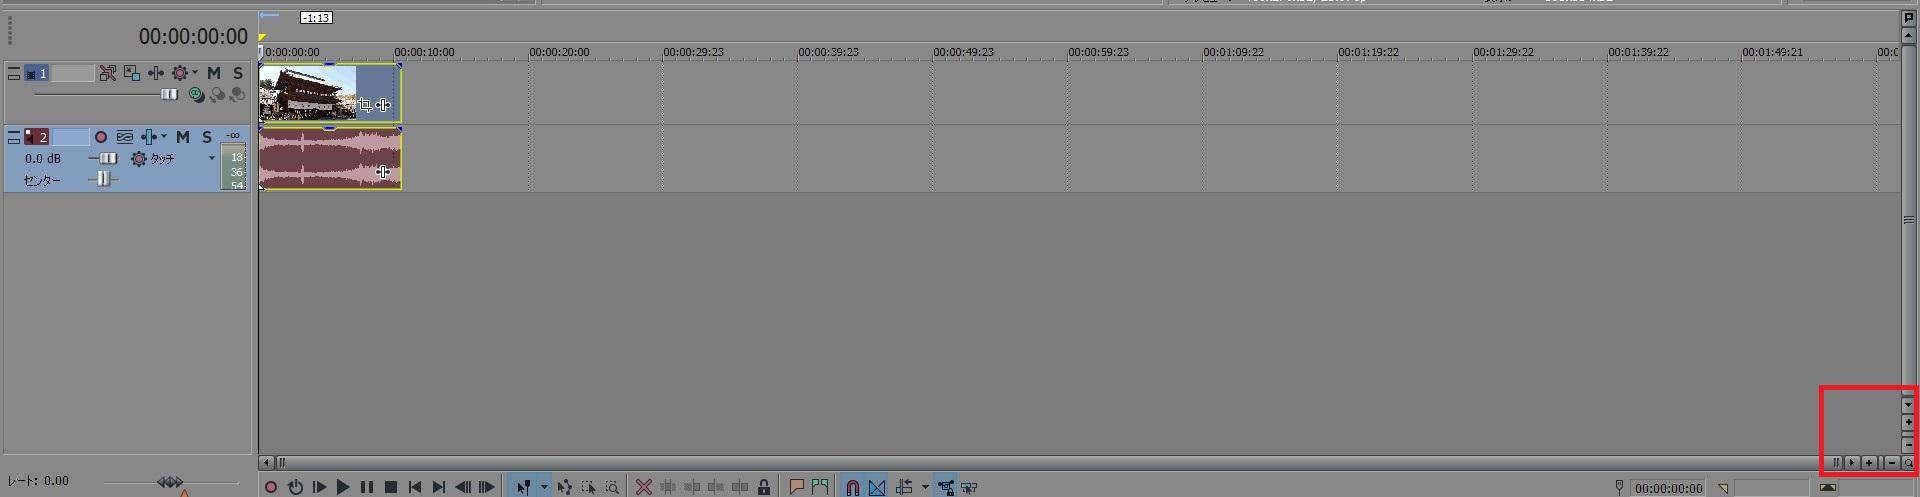 動画編集ソフトVegas Pro(ベガスプロ)の動画ファイルをタイムラインを拡大・縮小表示させる方法